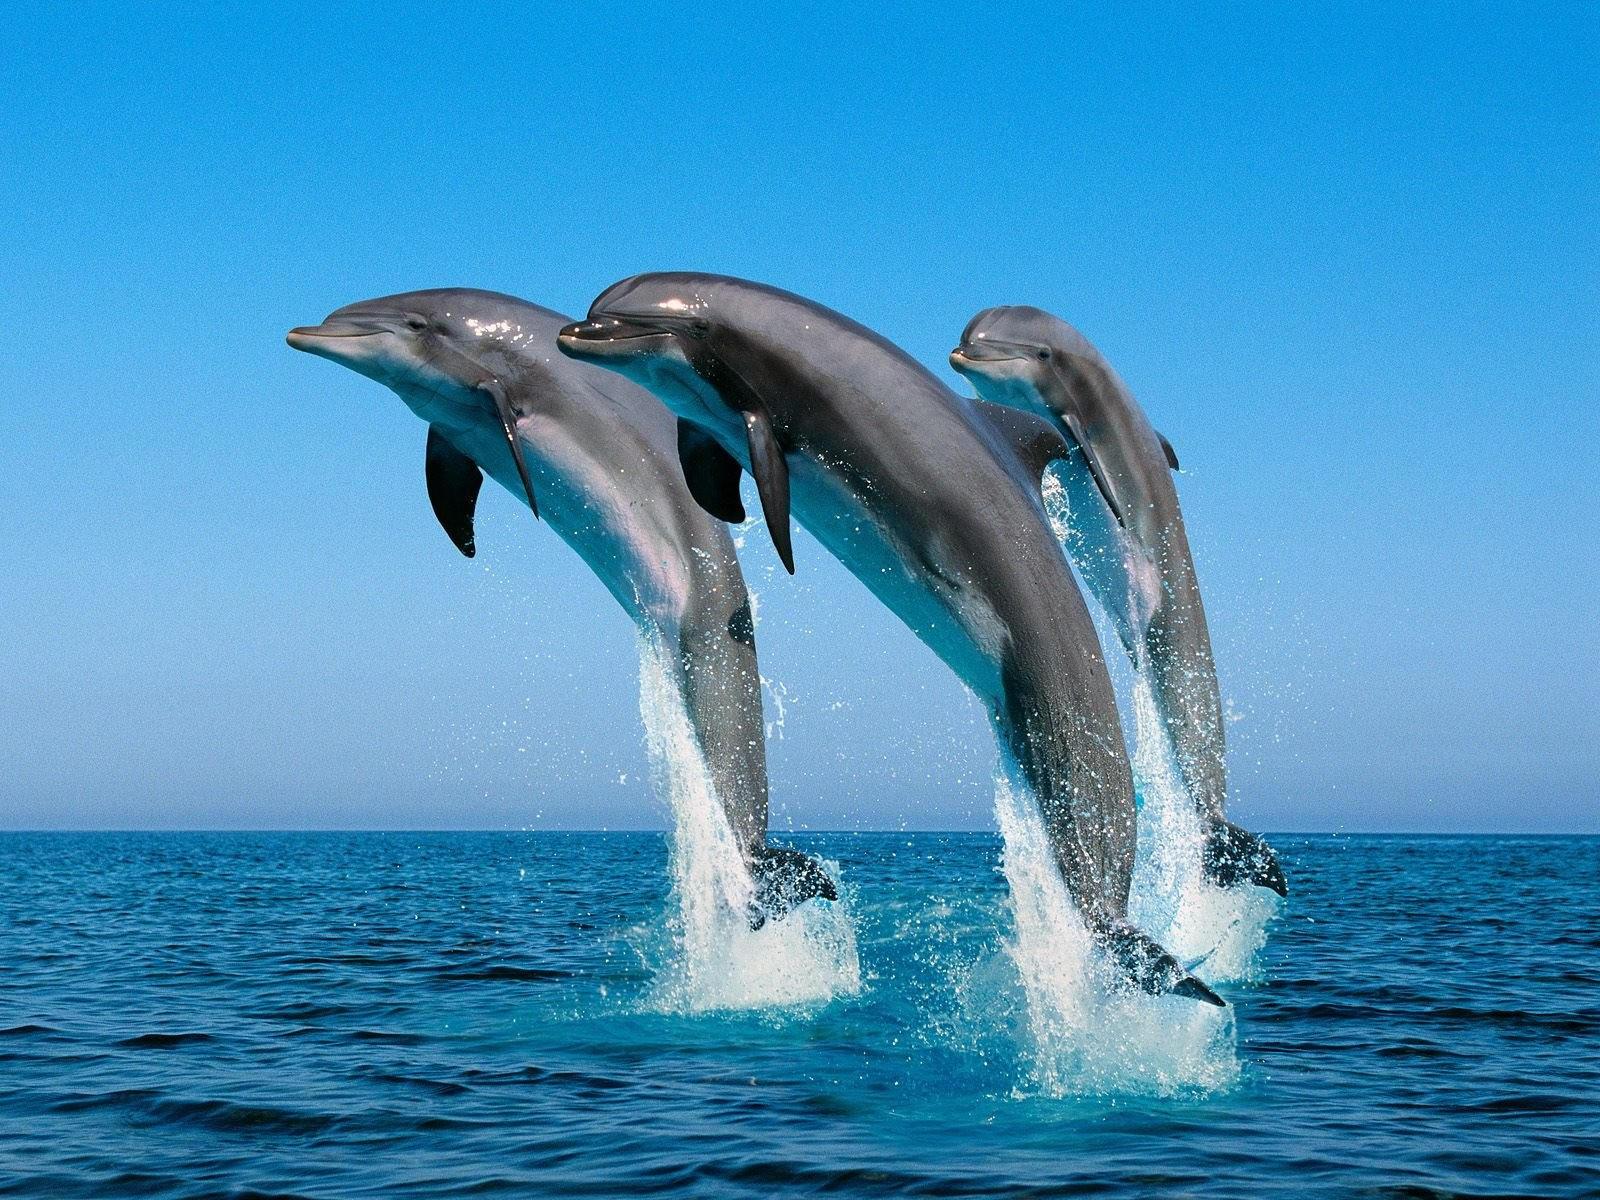 Прыжок трех дельфинов над водой